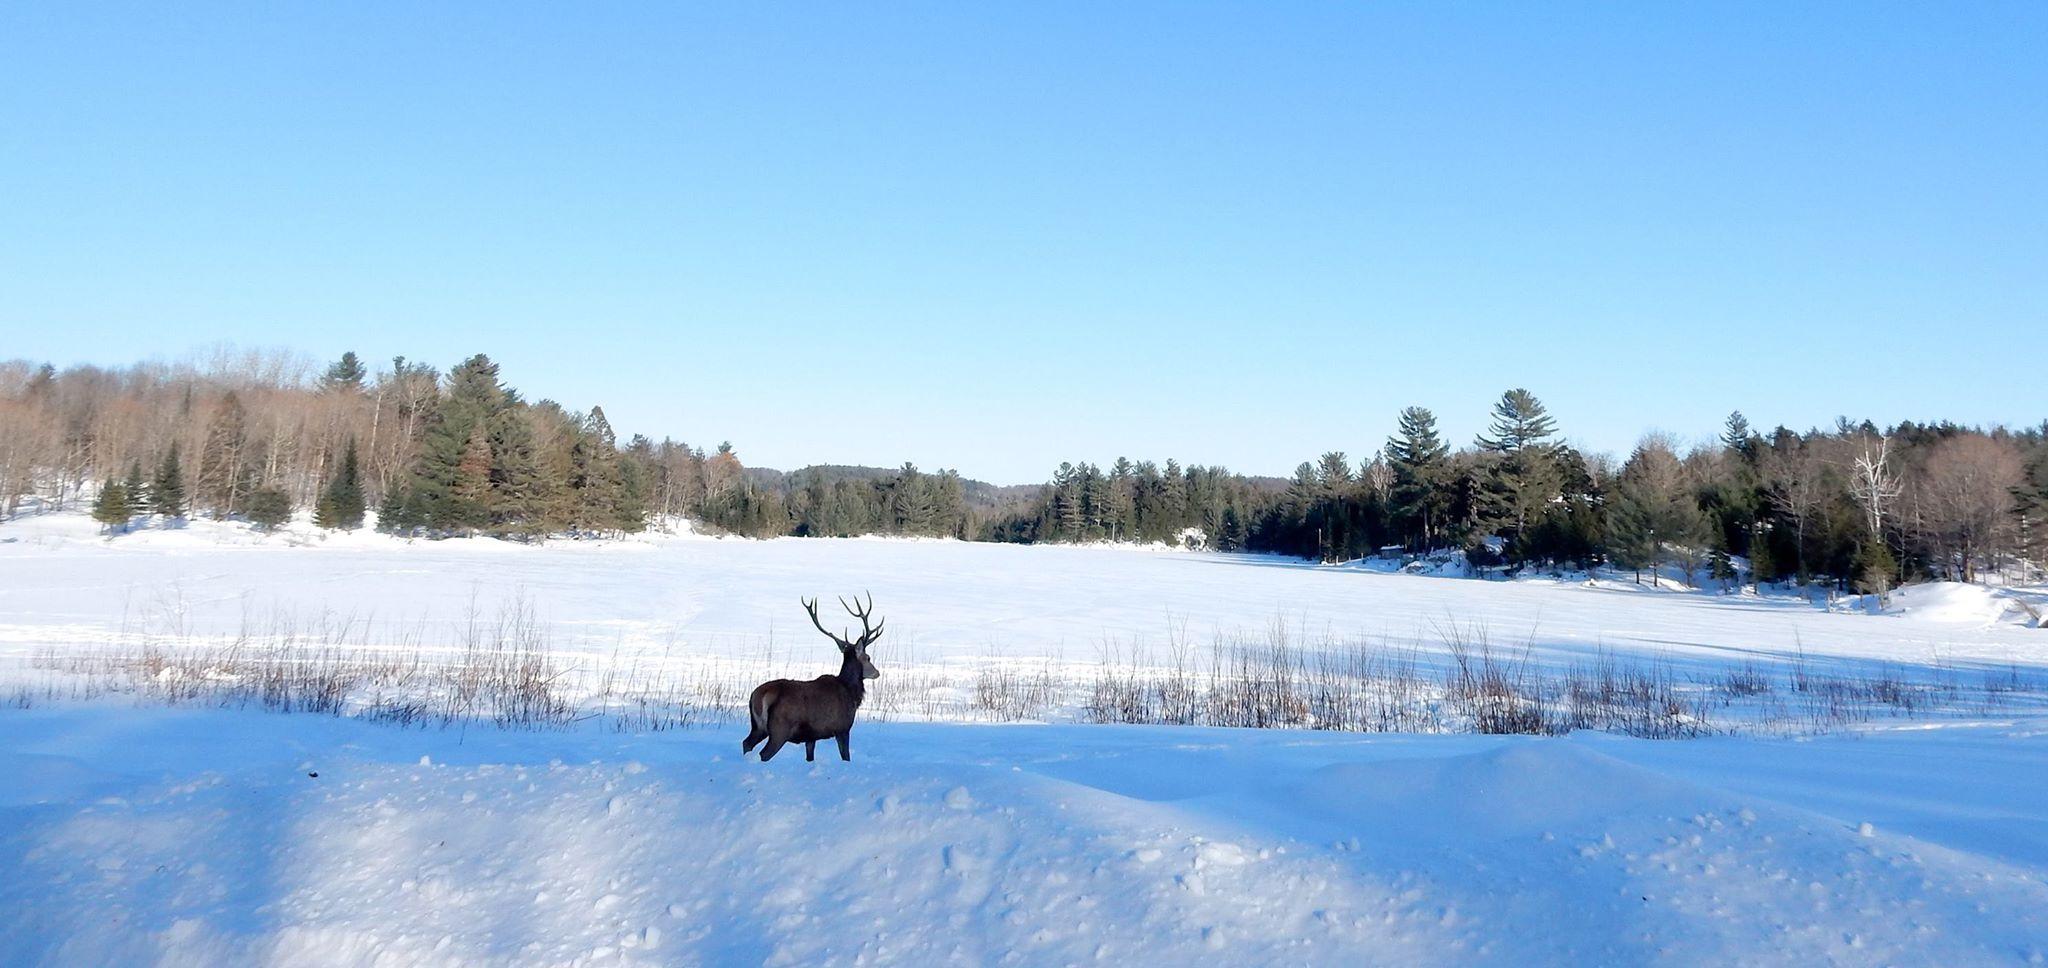 Canada deer